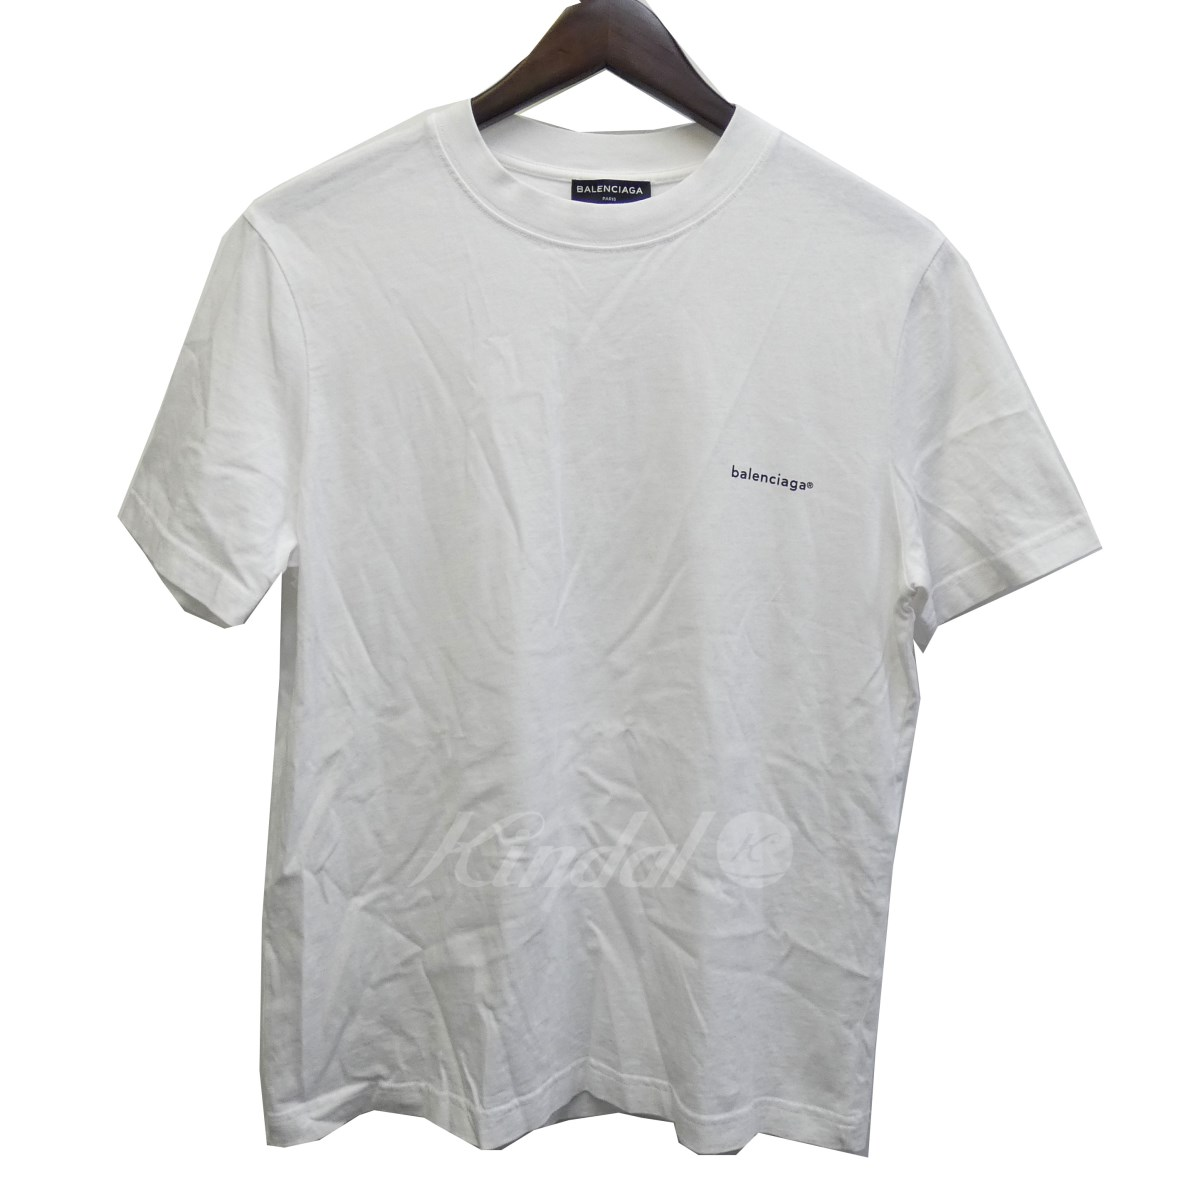 【中古】BALENCIAGA 17AW ロゴプリントTシャツ ホワイト サイズ:S 【送料無料】 【210918】(バレンシアガ)